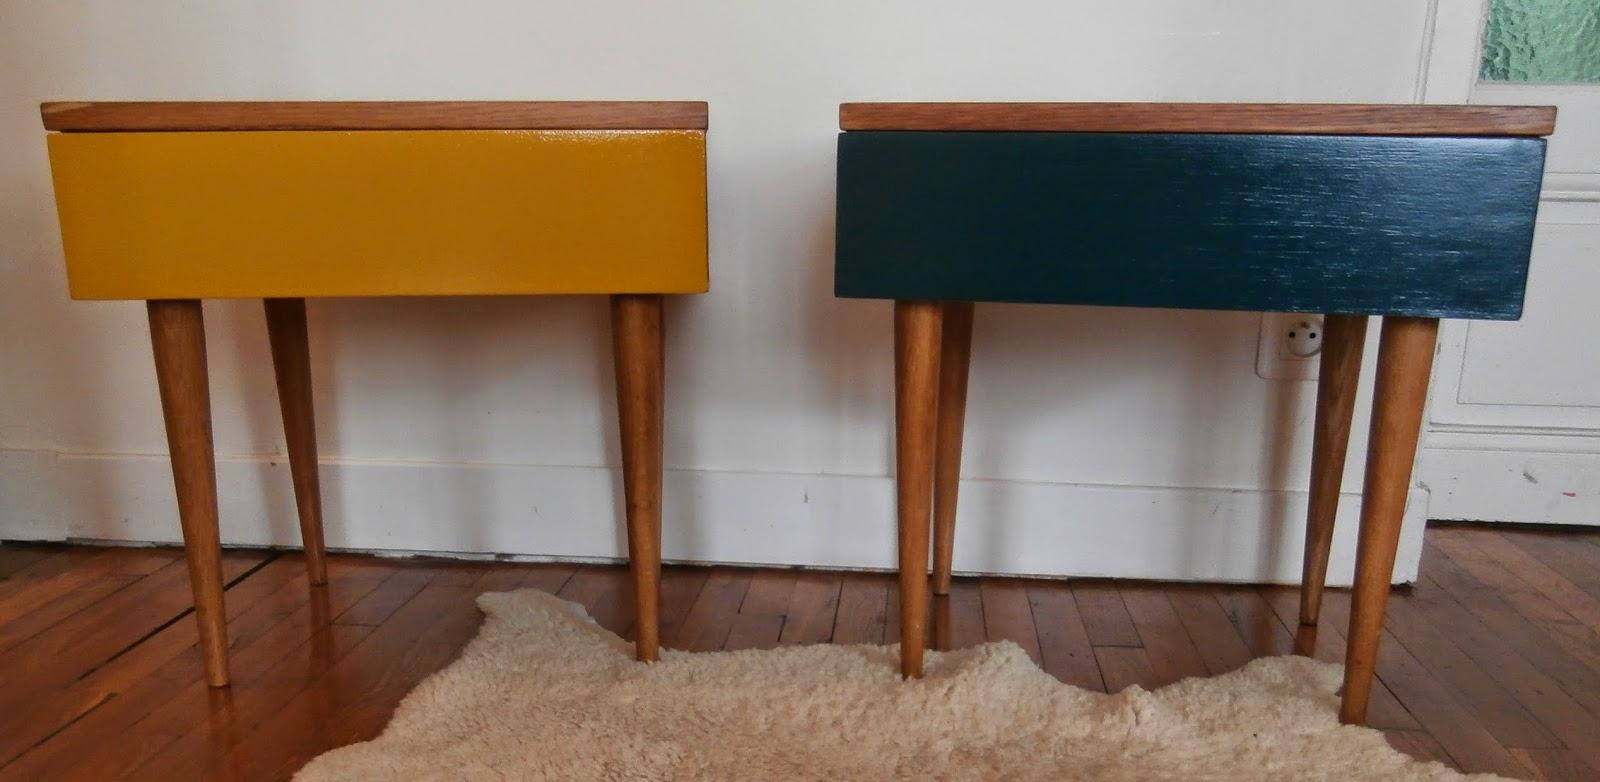 dur e de vie ind termin e tables de chevet jaune et bleu p trole. Black Bedroom Furniture Sets. Home Design Ideas